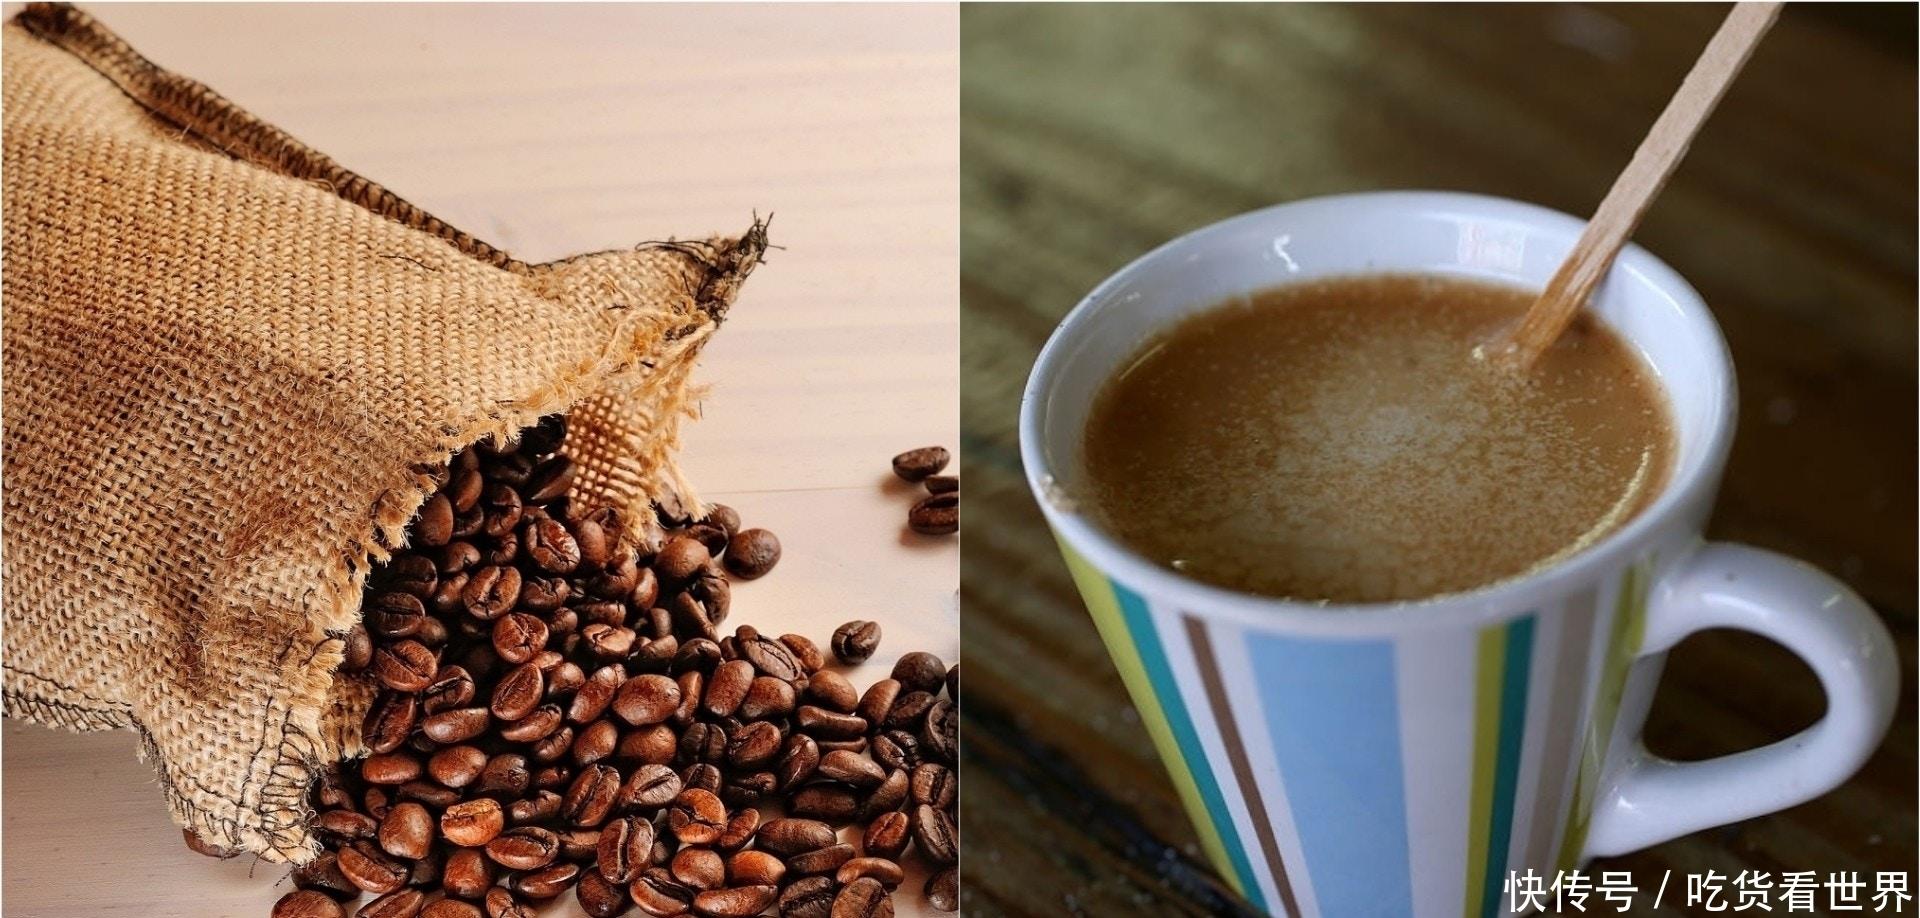 即溶咖啡冷知识:咖啡粉变颗粒易溶解?粉团沙粒状则更具风味?